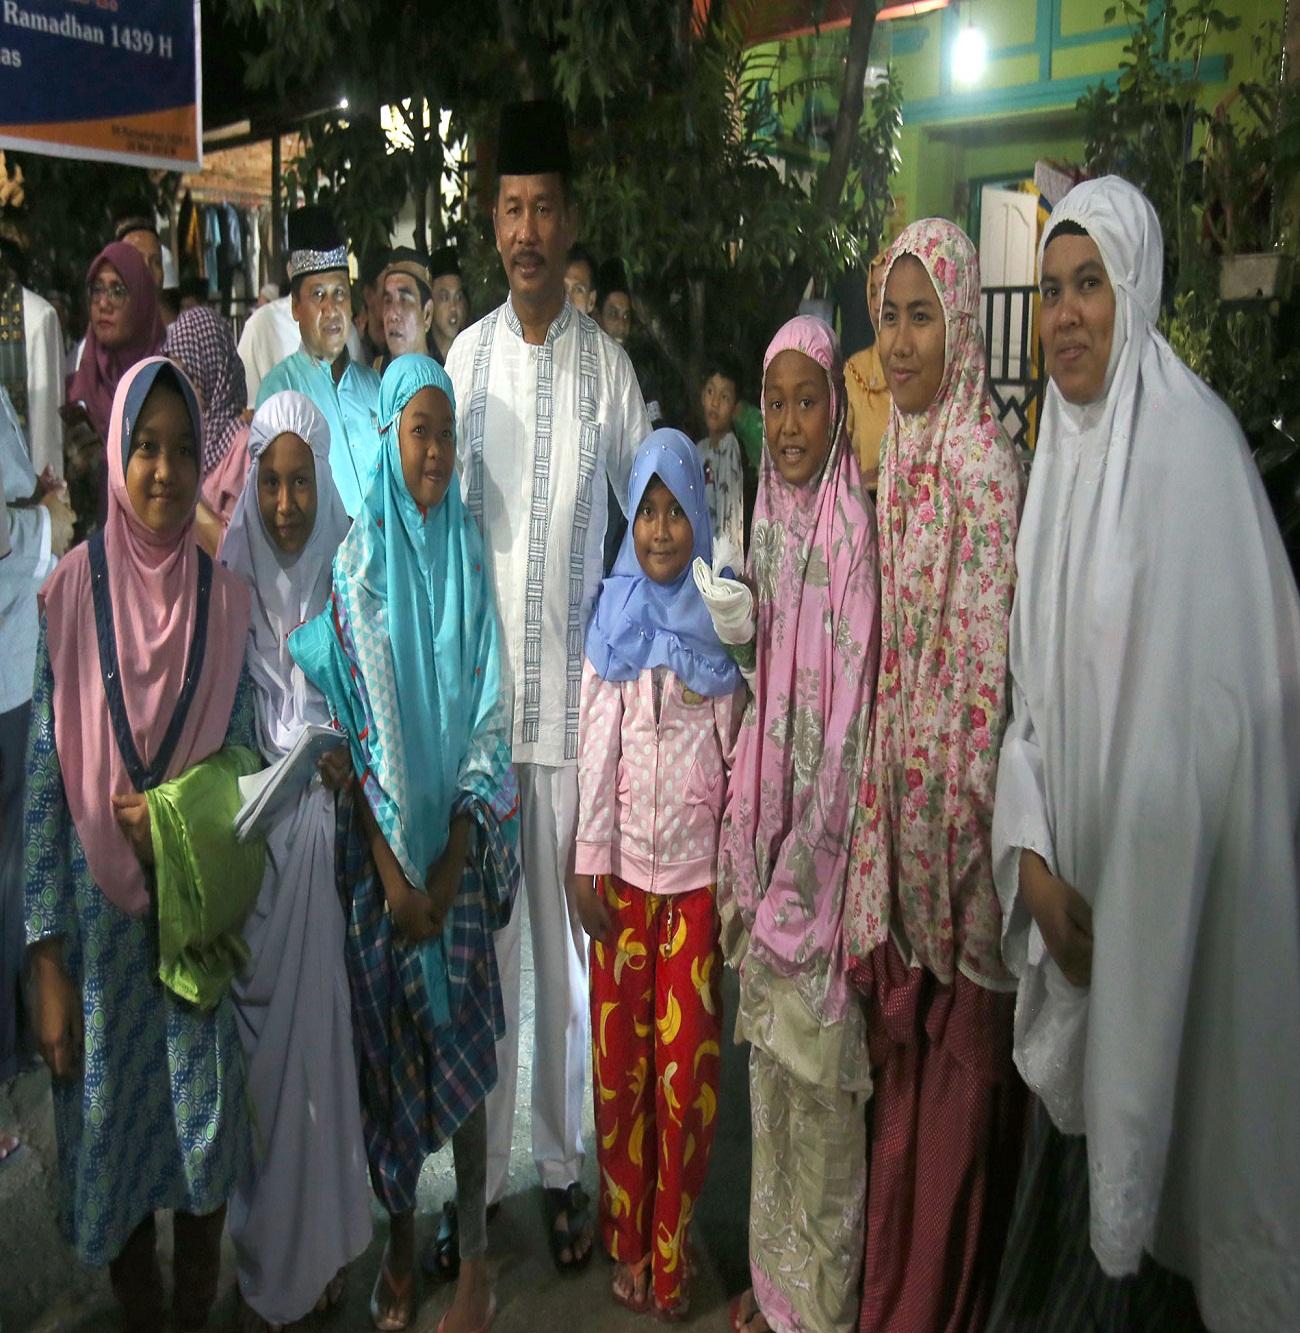 Walikota Batam foto bersama jamaah Masjid Jabal Nur Perumahan Villa Mas Kelurahan Sungai Panas.